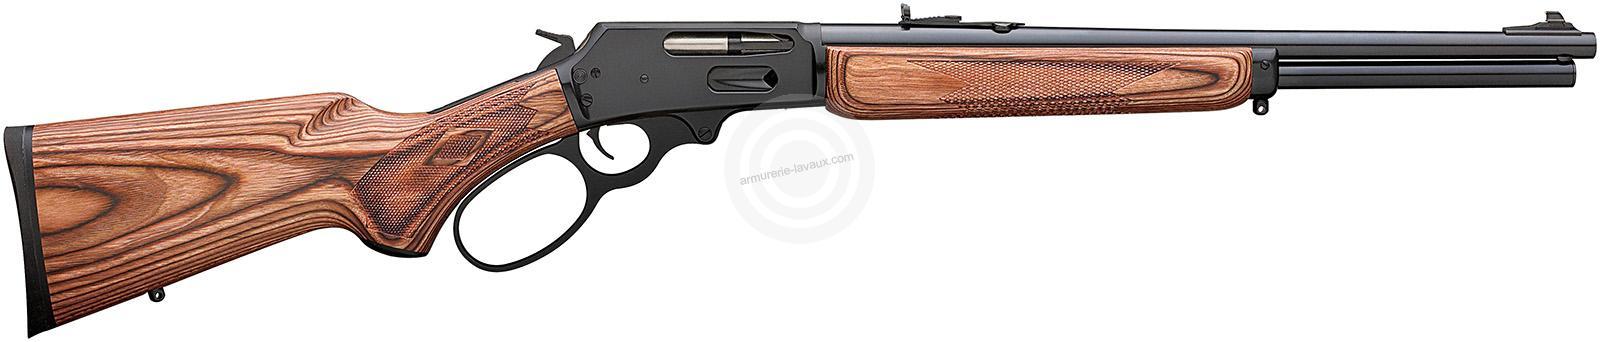 Carabine MARLIN mod.336BLM cal.30-30 Win